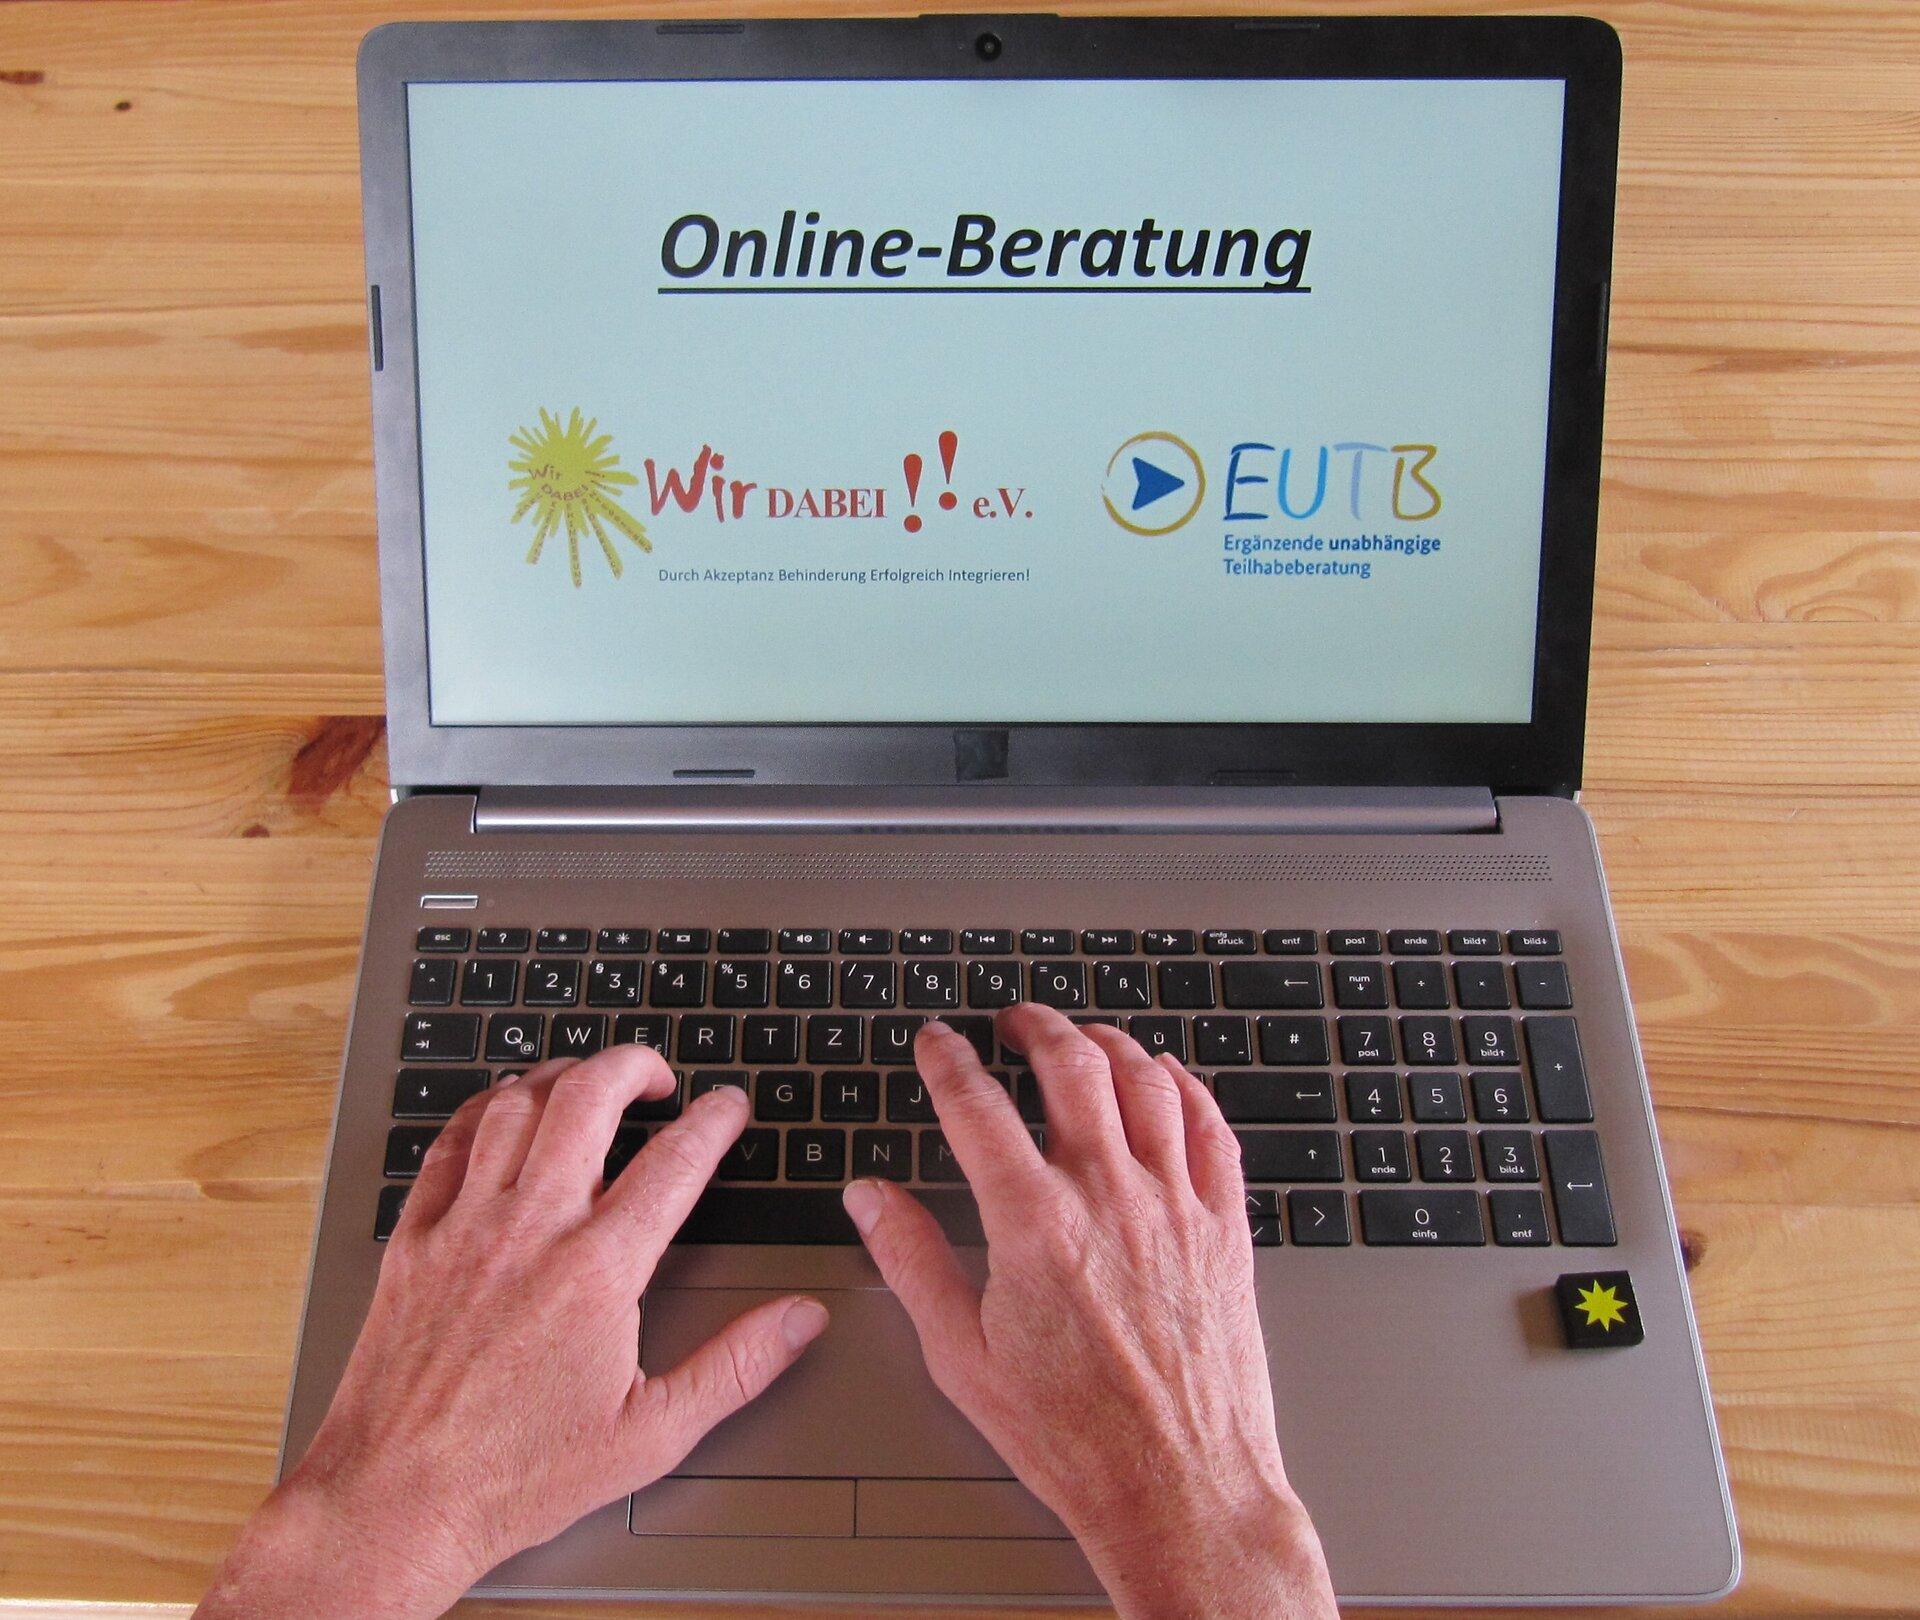 Auf dem Bild sieht man Hände, die auf Notebook schreiben. Auf dem Notebook steht Online-Beratung.